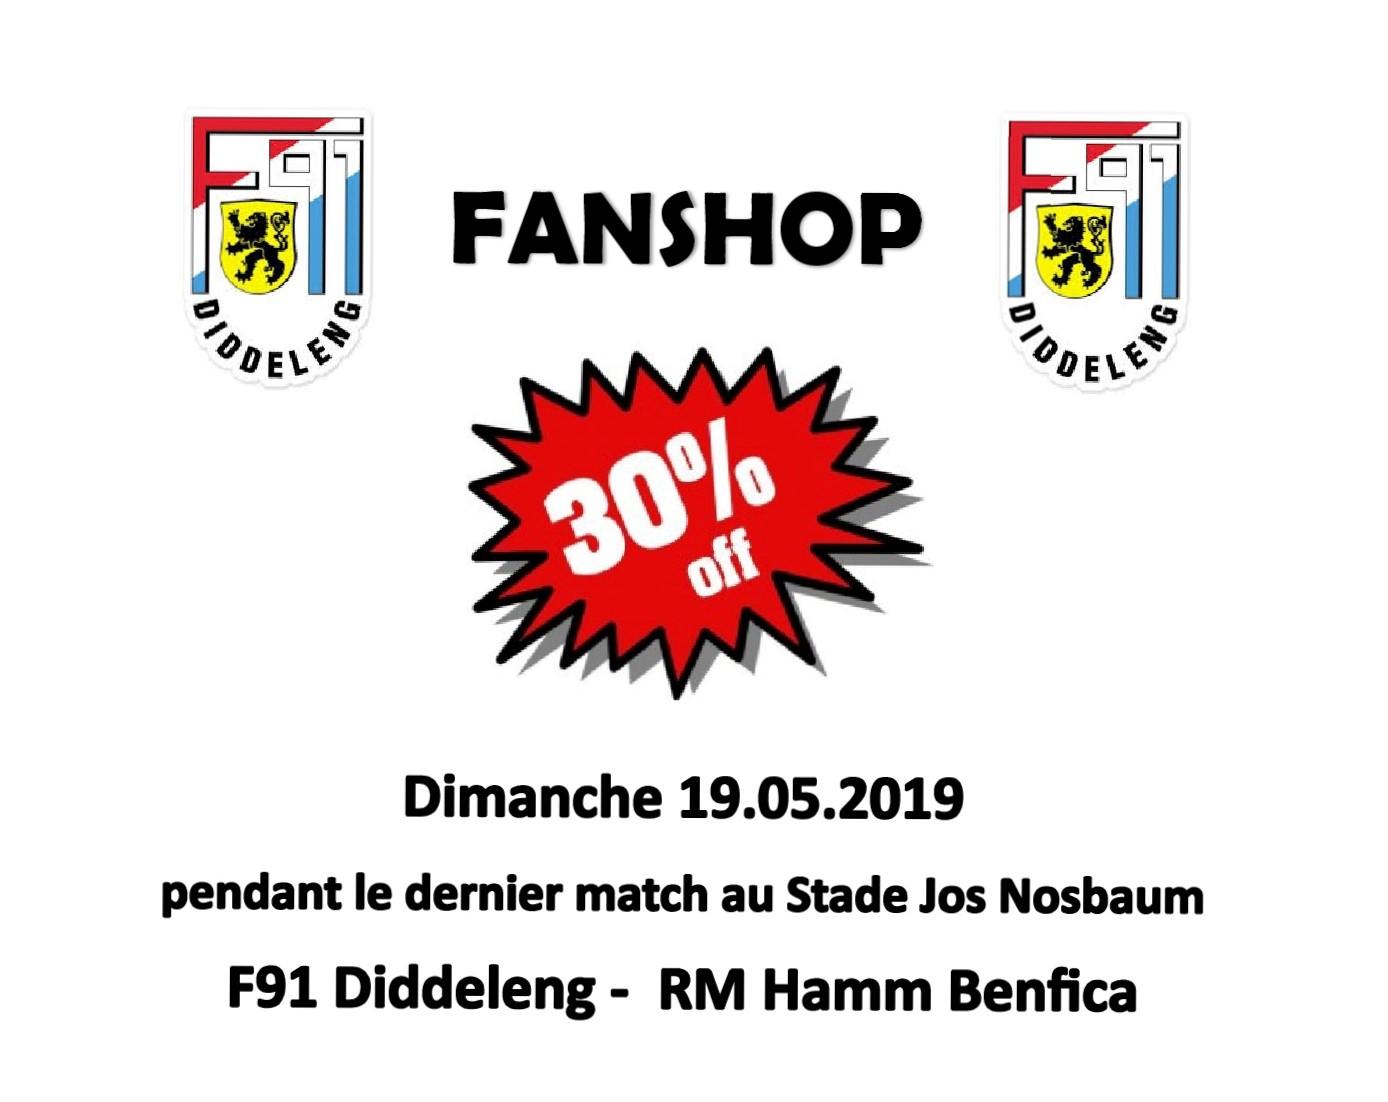 FANSHOP - SALES 30%